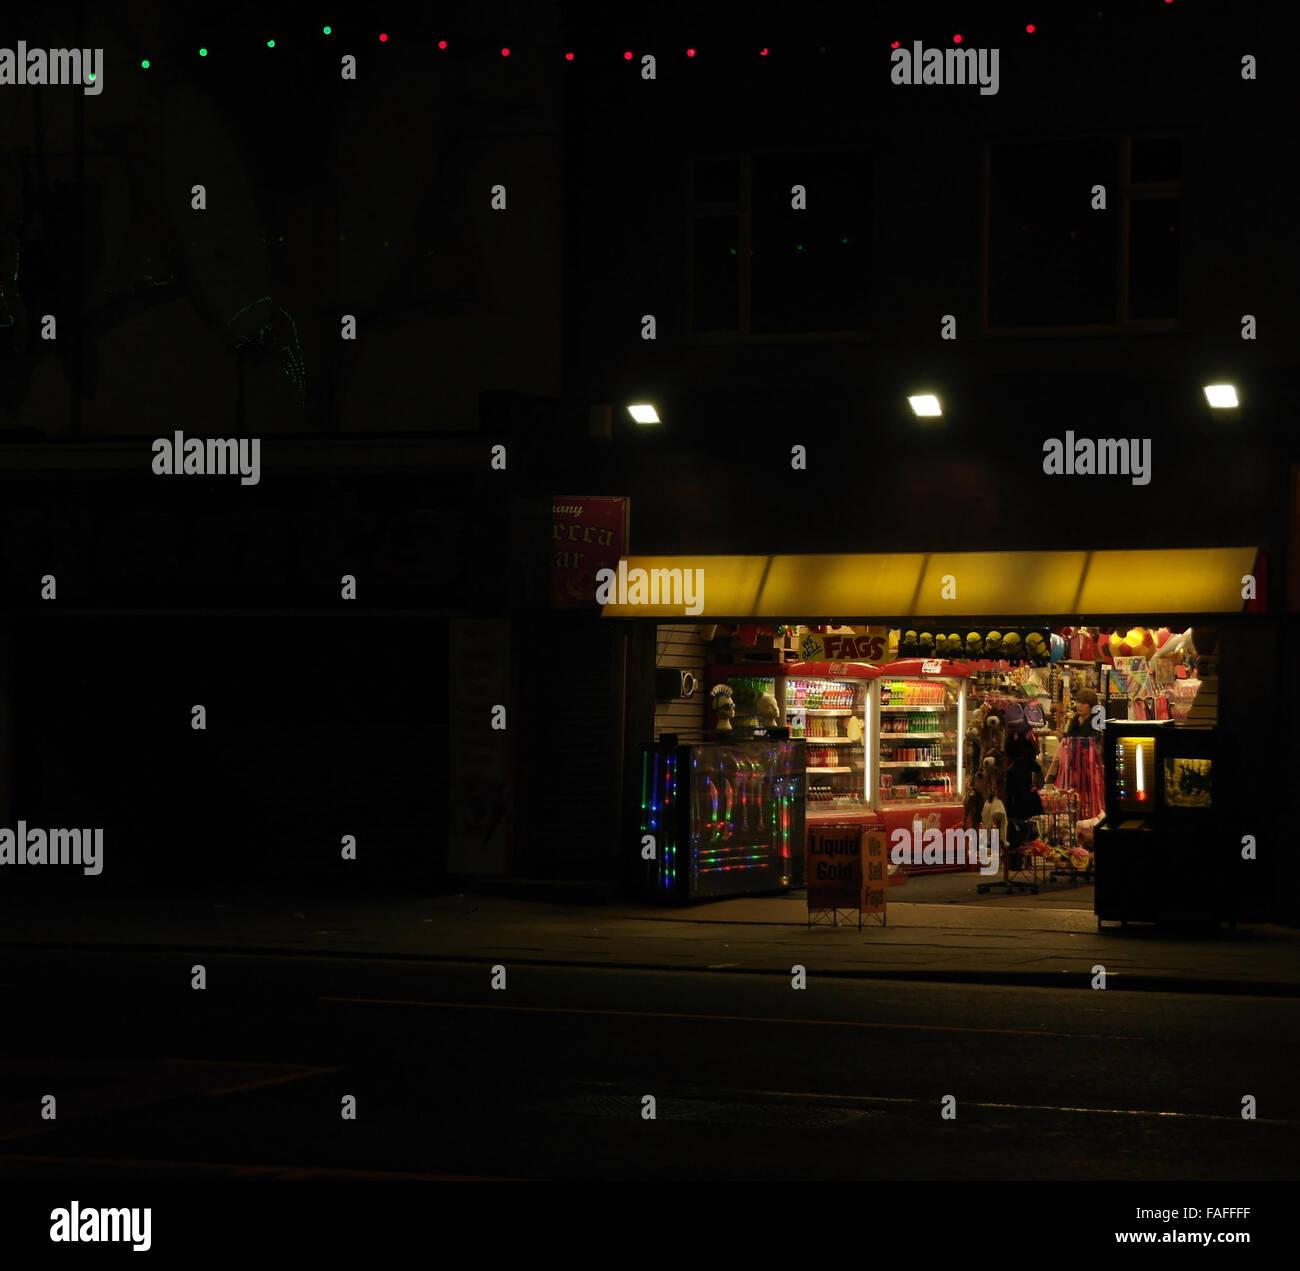 Neuheiten Weihnachtsbeleuchtung.Nachtansicht Elektrisches Licht Shop Verkauf Neuheiten Spielzeug